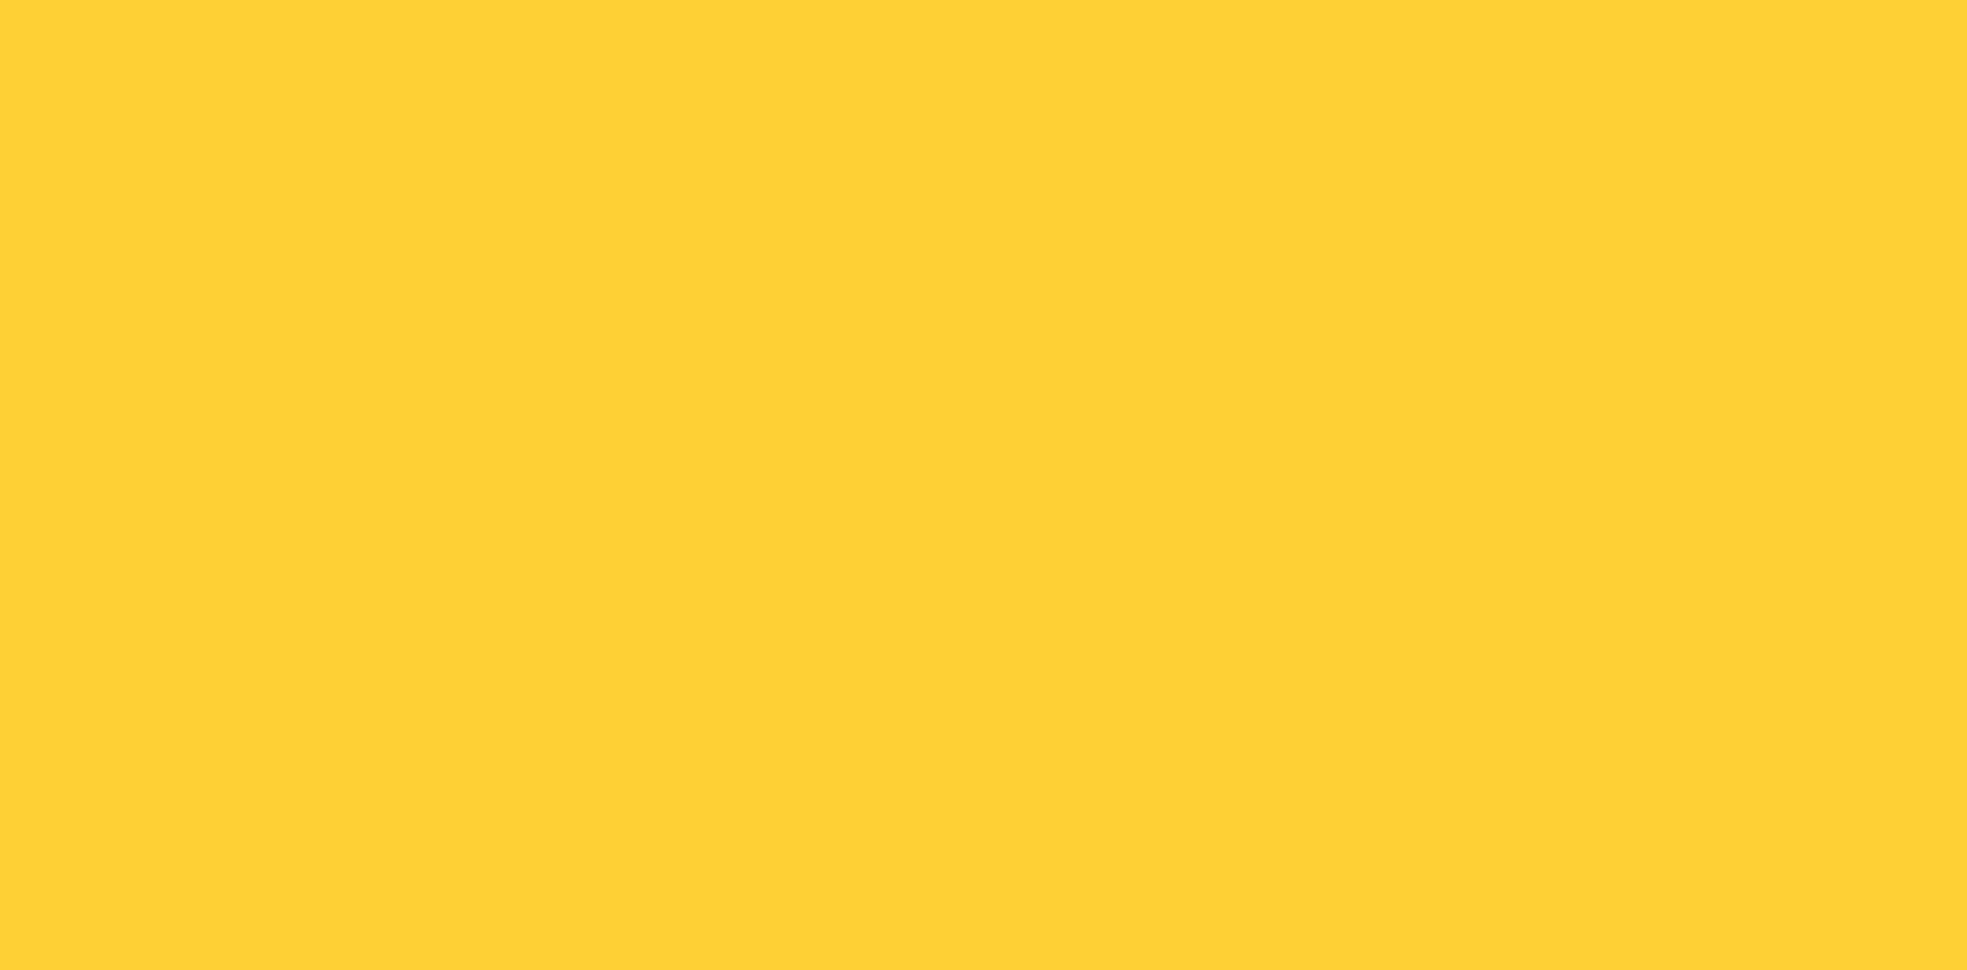 Icon Arrow Down Yellow